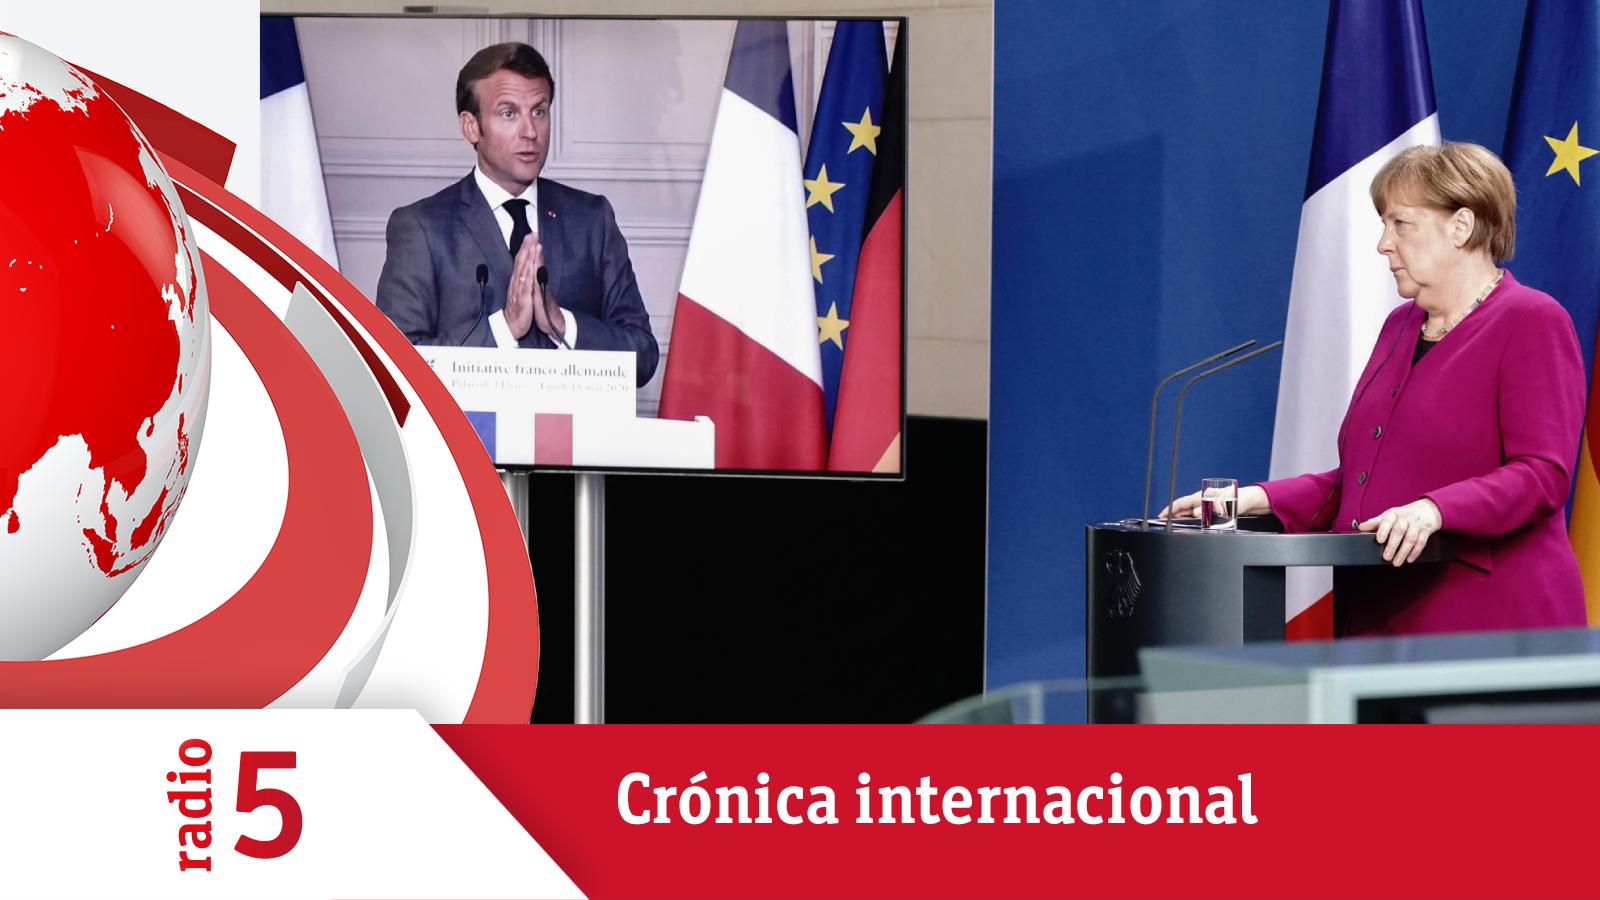 Todo noticias mañana - Crónica internacional - El plan de Merkel y Macron busca apoyos en la UE - Escuchar ahora